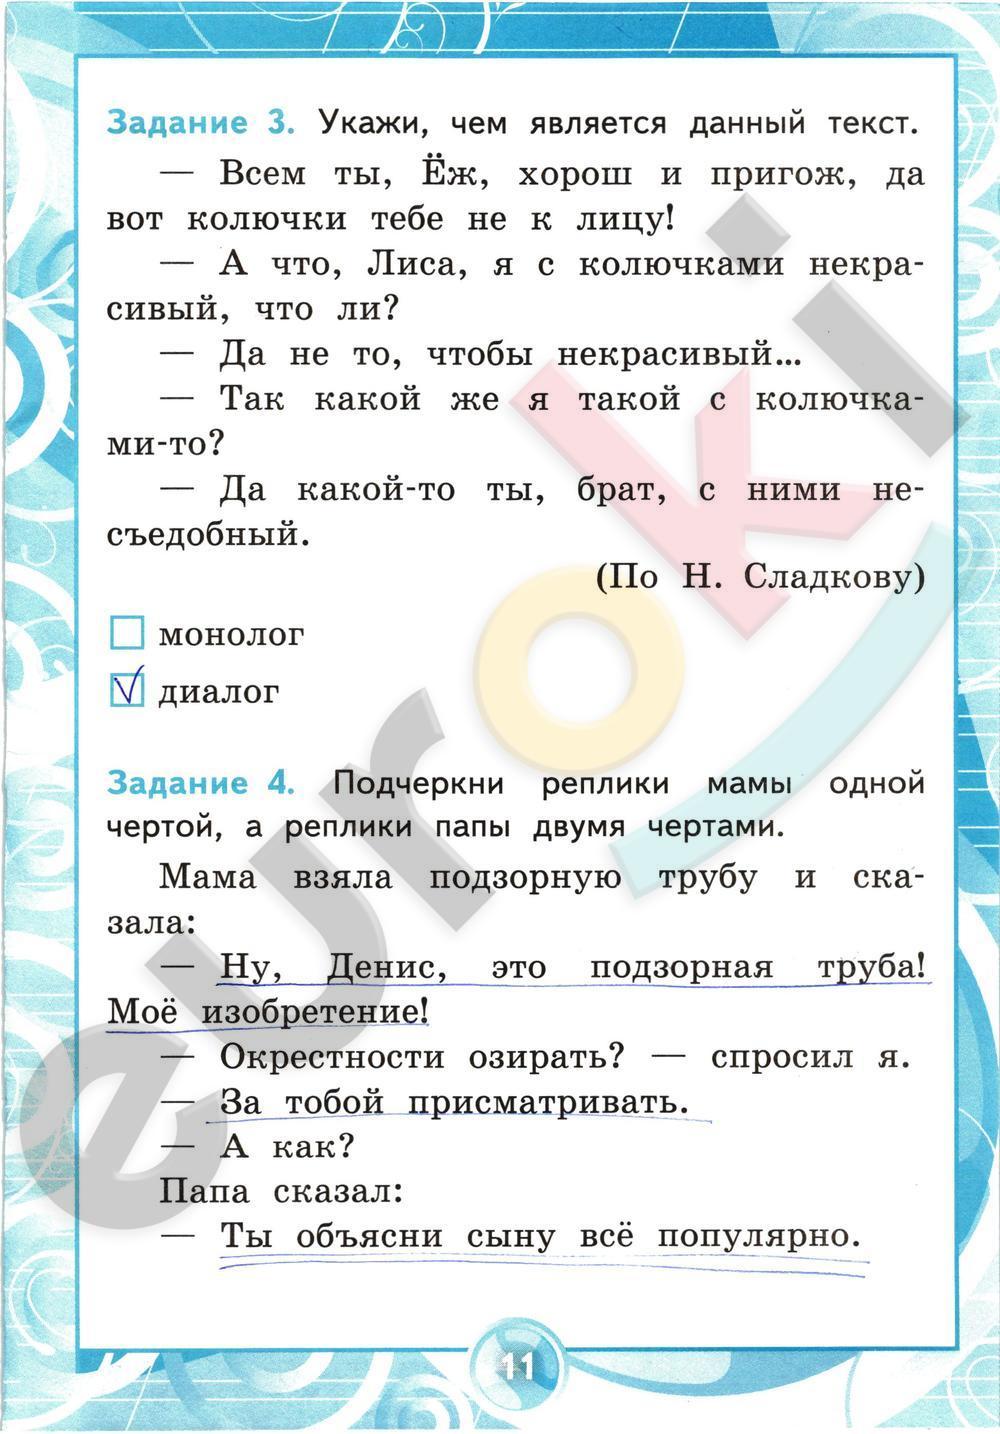 На крылова класс по гдз работы 2 русскому языку контрольные